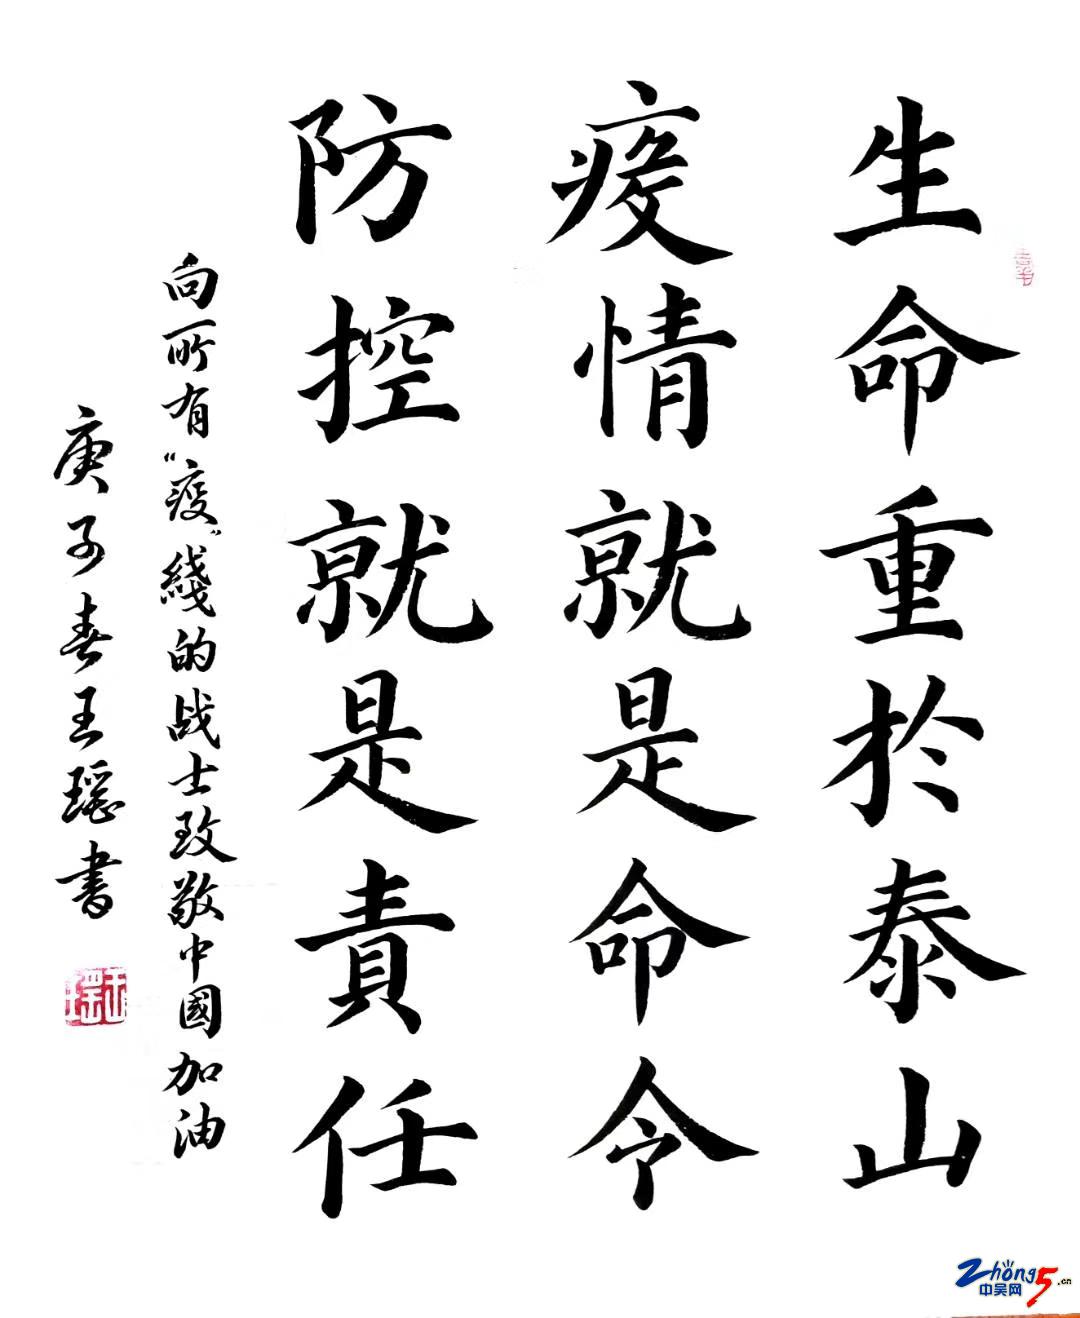 2.王瑶.jpg